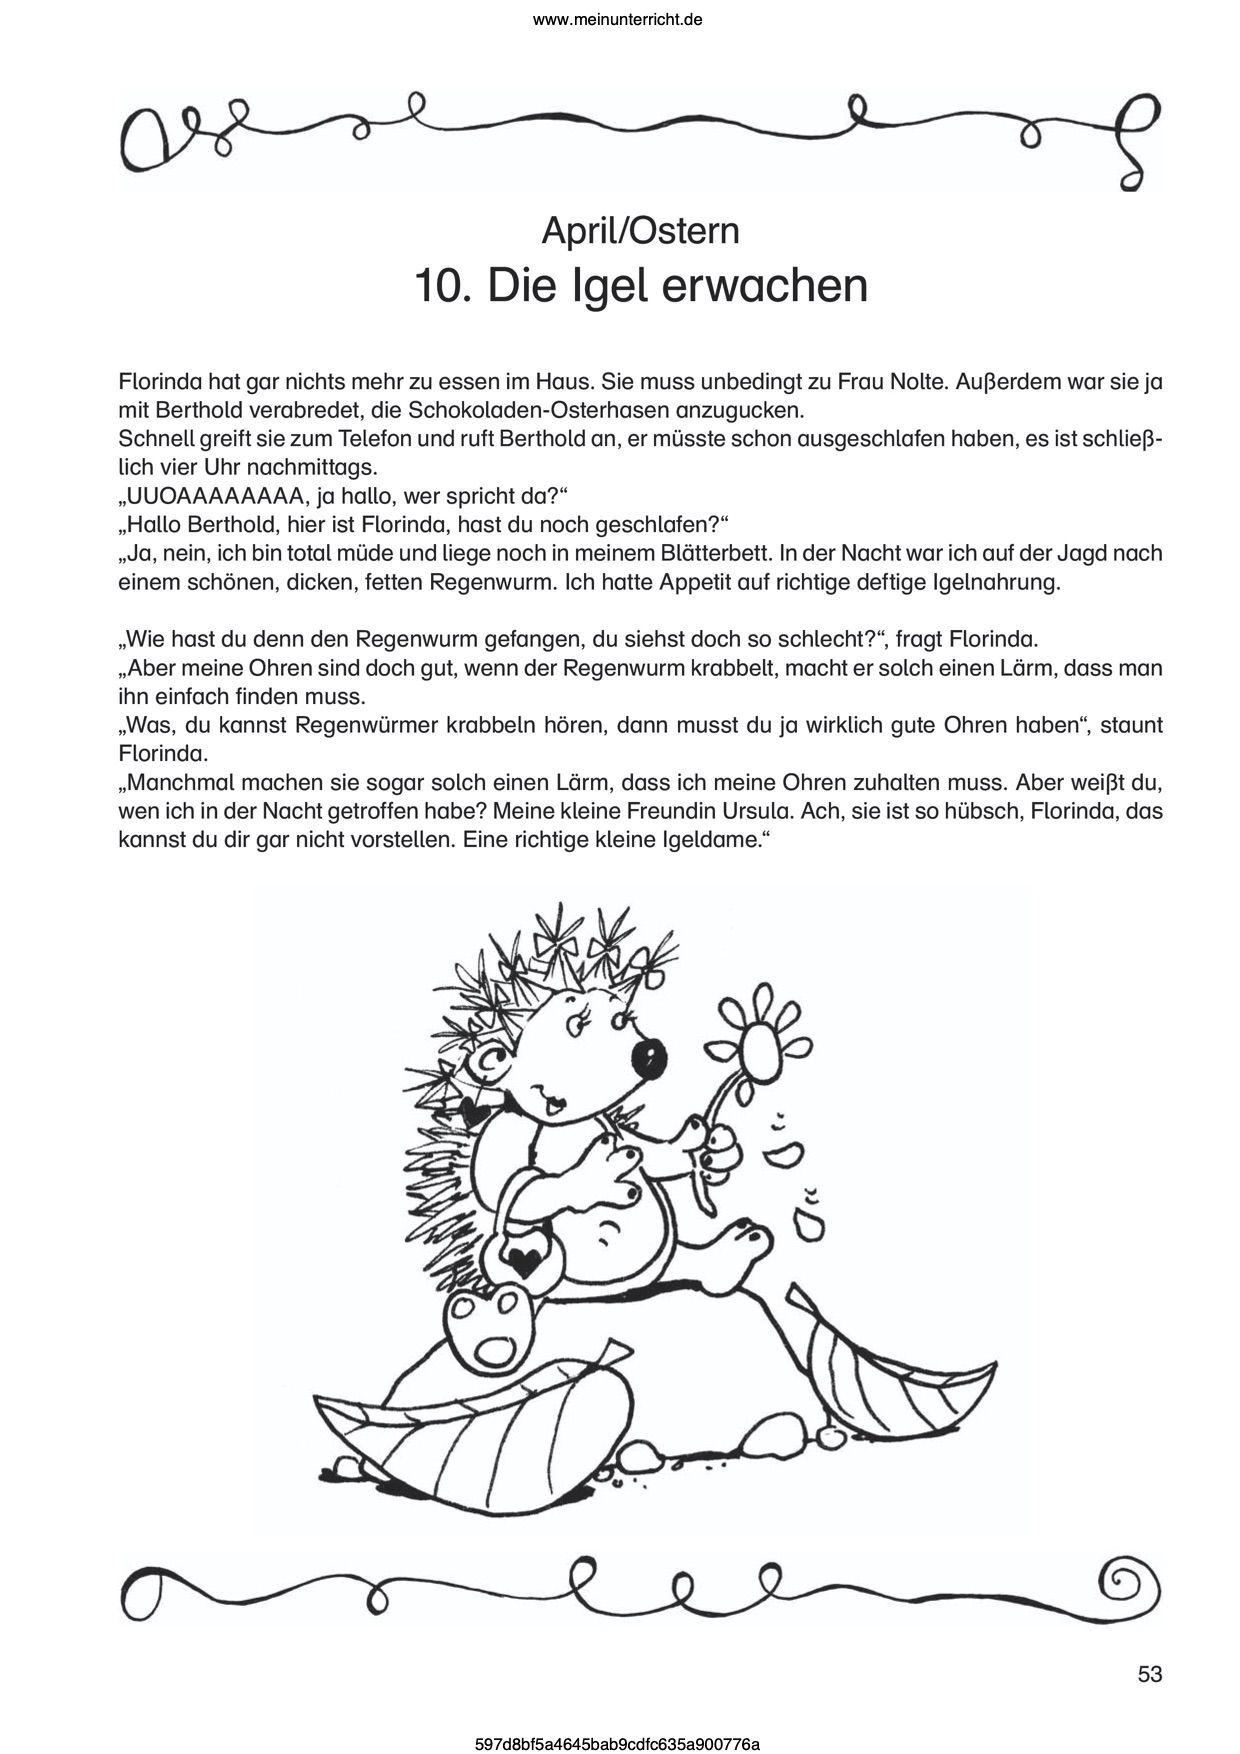 Vorschau Arbeitsblatt Meinunterricht In 2020 Gedichte Fur Kinder Basteln Ideen Ostern Grundschule